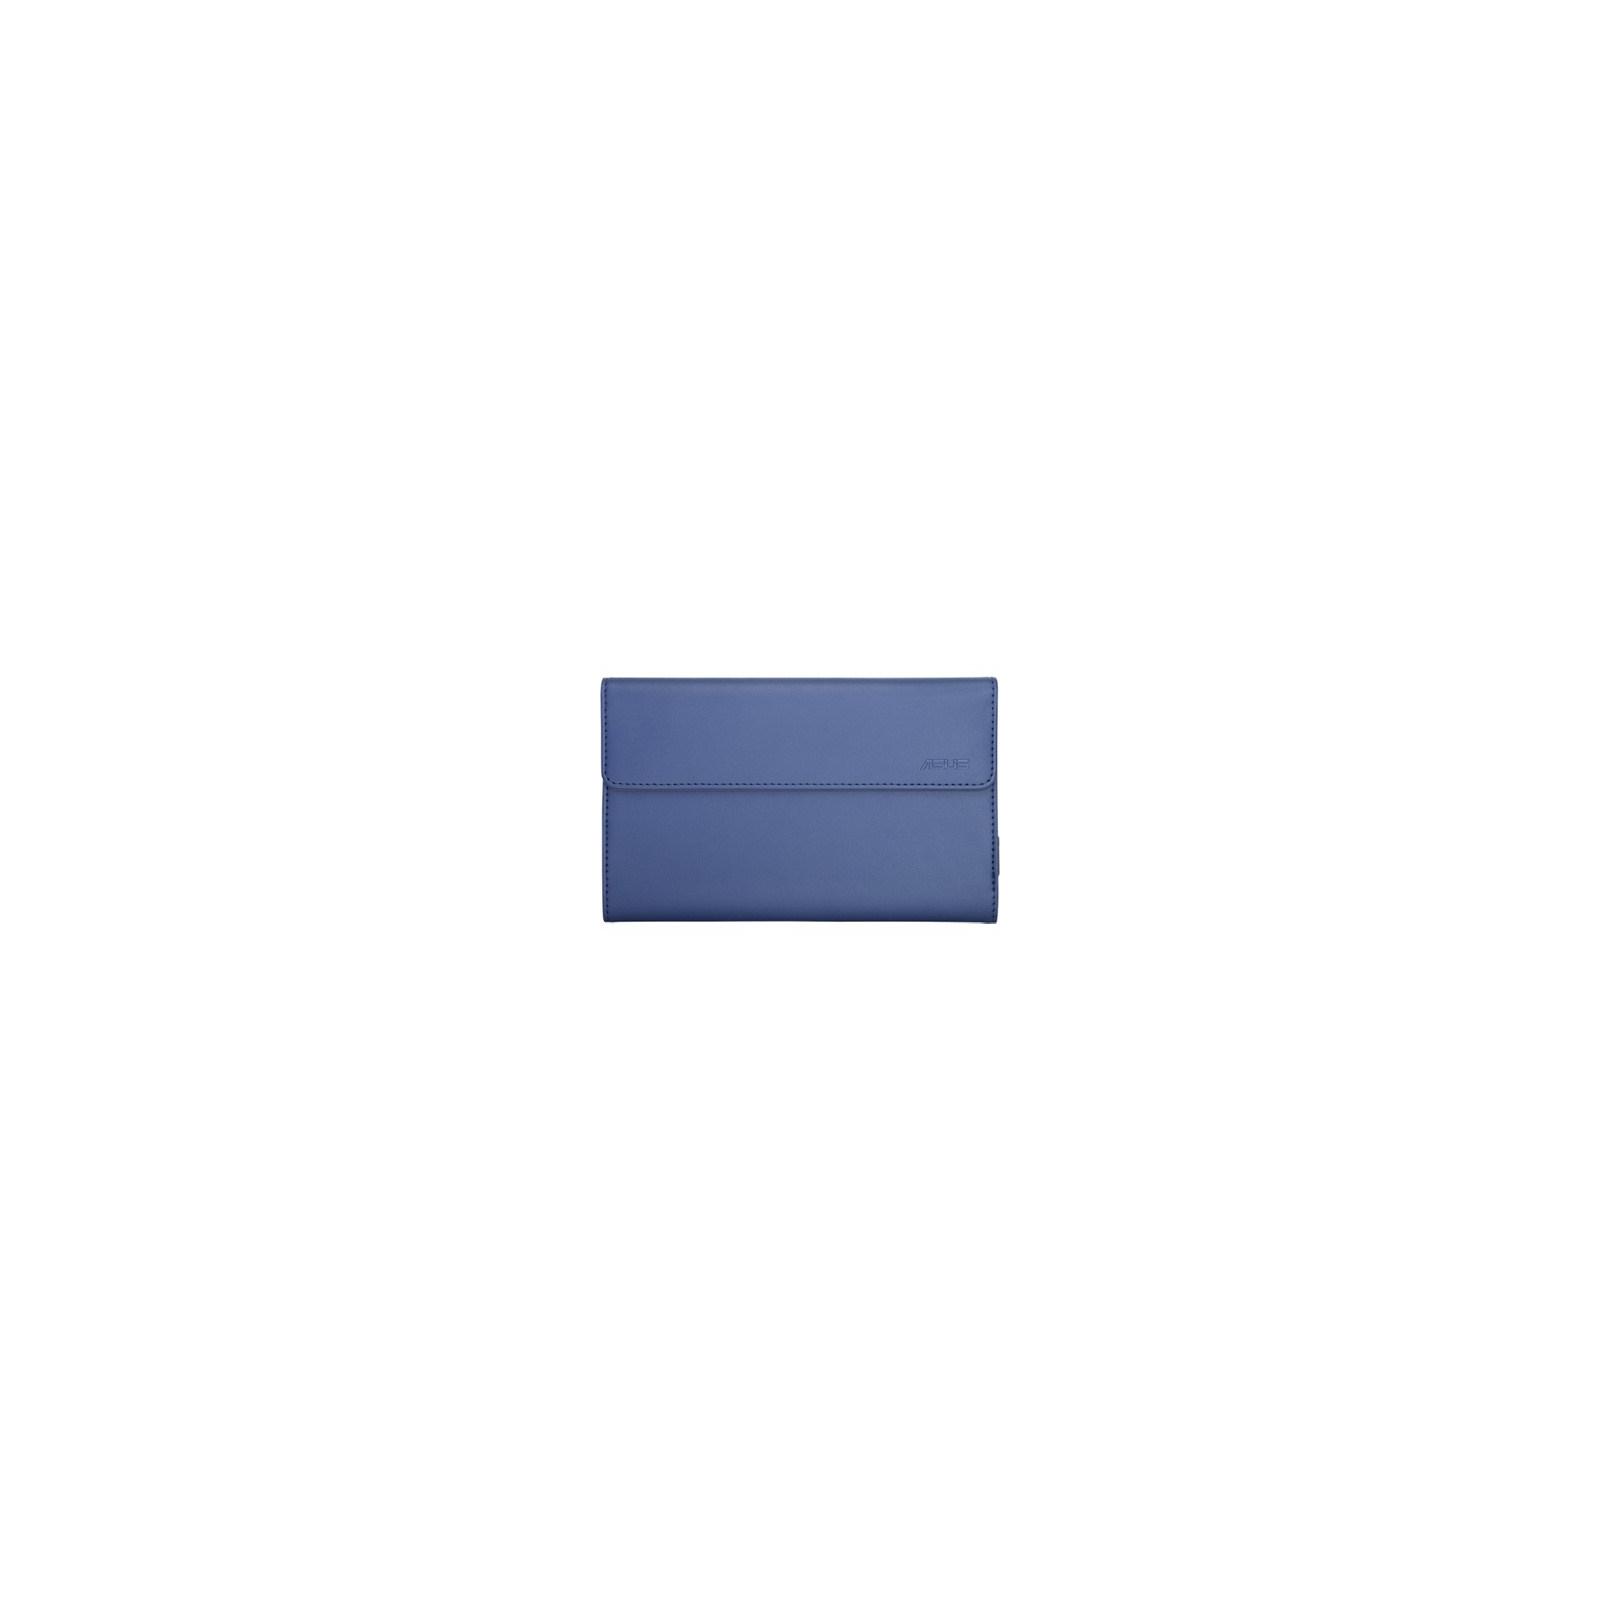 Чехол для планшета ASUS ME172/ME173/ME371/Nexus 7 VERSASLEEVE7 BLUE (90XB001P-BSL030)